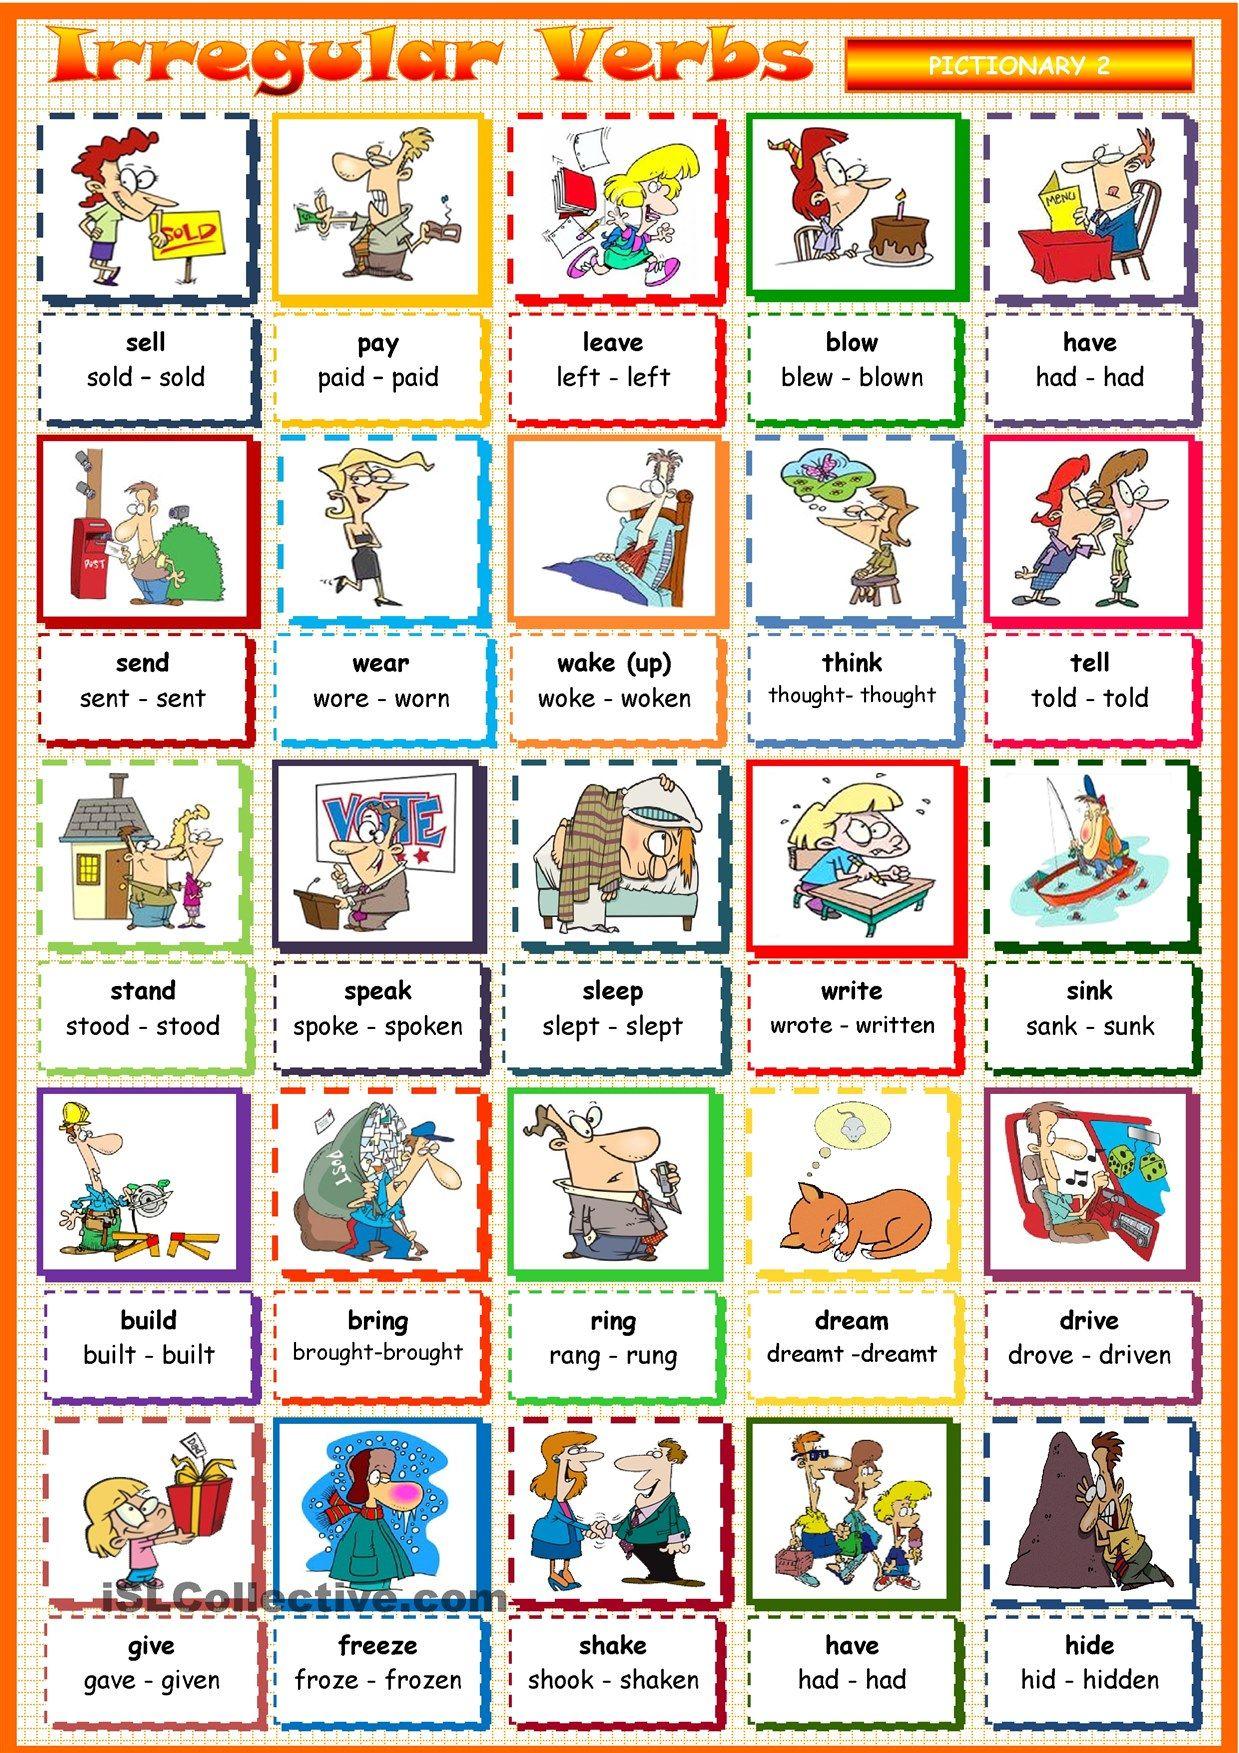 Irregular Verbs 2 Irregular Verbs English Verbs English Vocabulary [ 1753 x 1239 Pixel ]